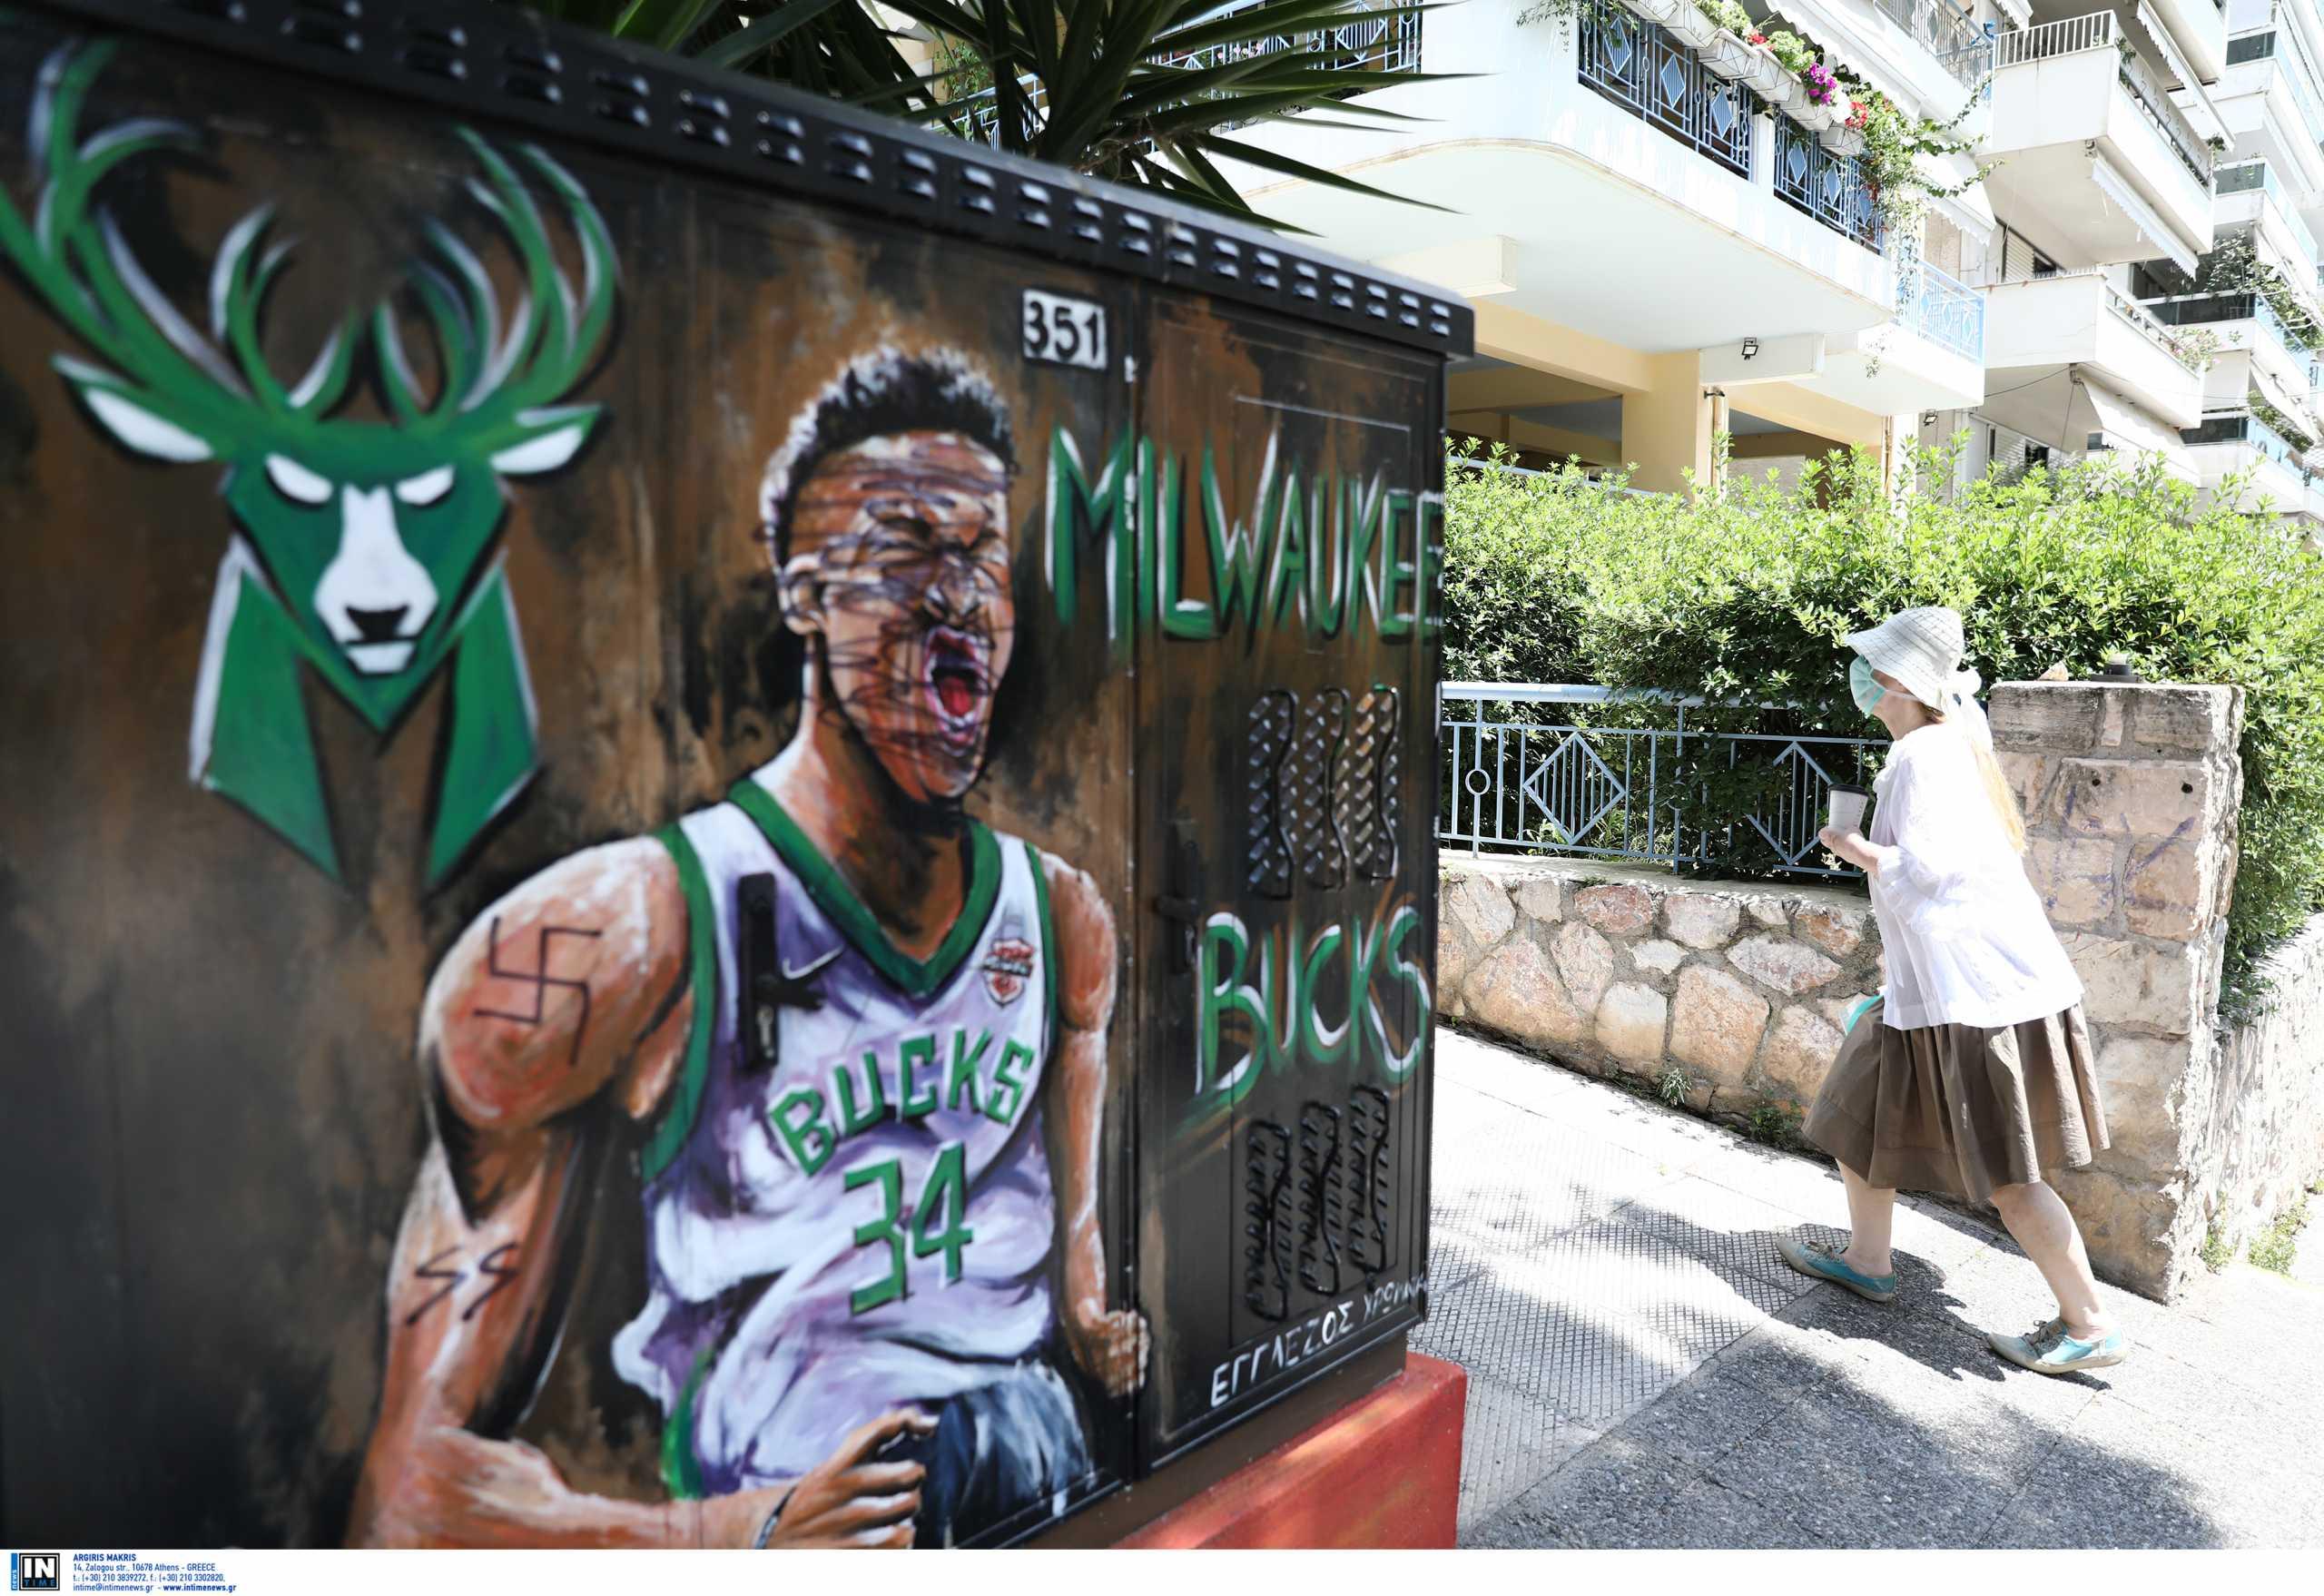 Αντετοκούνμπο: Βανδάλισαν γκράφιτι του «Greek Freak» με ναζιστικά σύμβολα